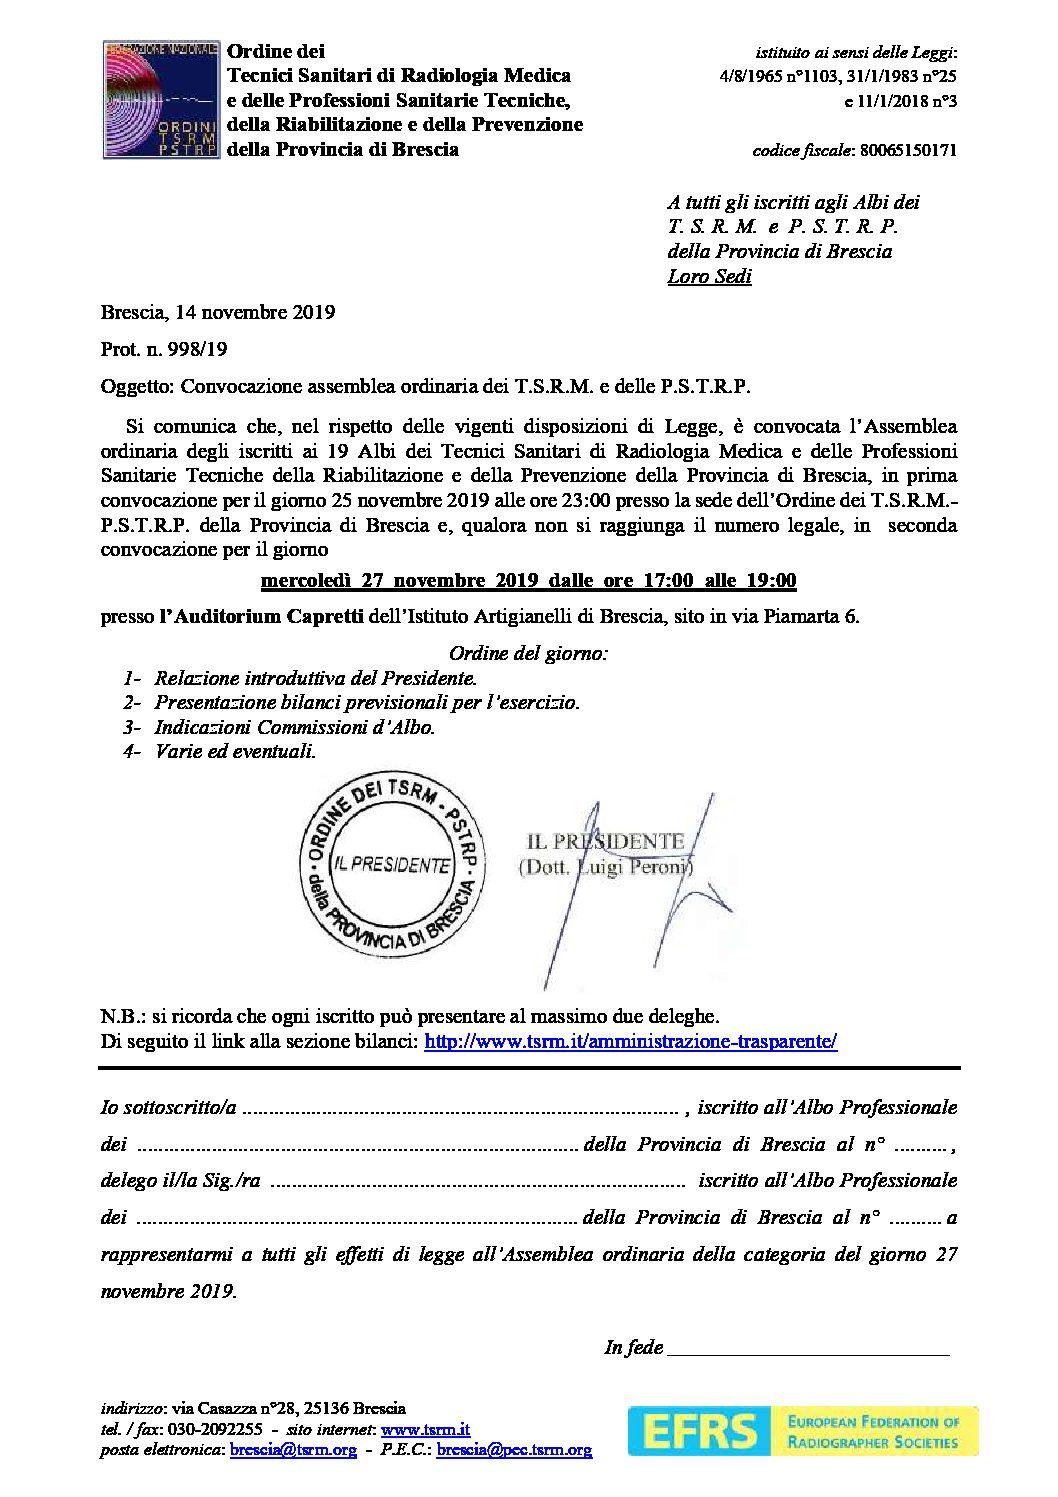 Convocazione Assemblea Ordinaria dell'Ordine TSRM-PSTRP di Brescia